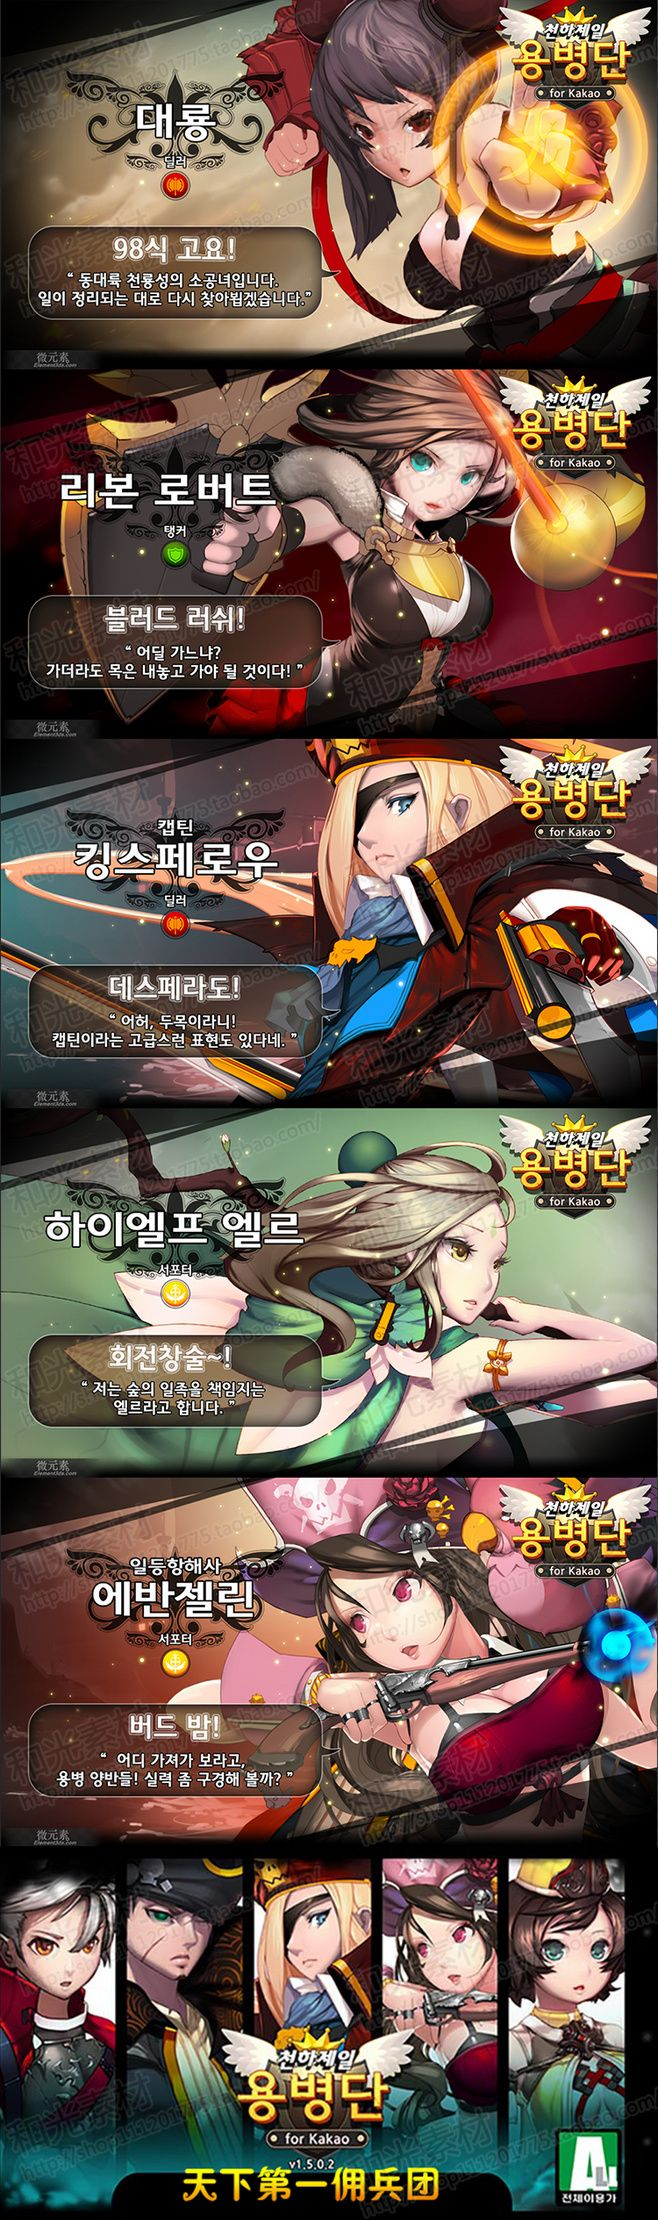 游戏美术资源/韩游天下第一佣兵团/UI图...